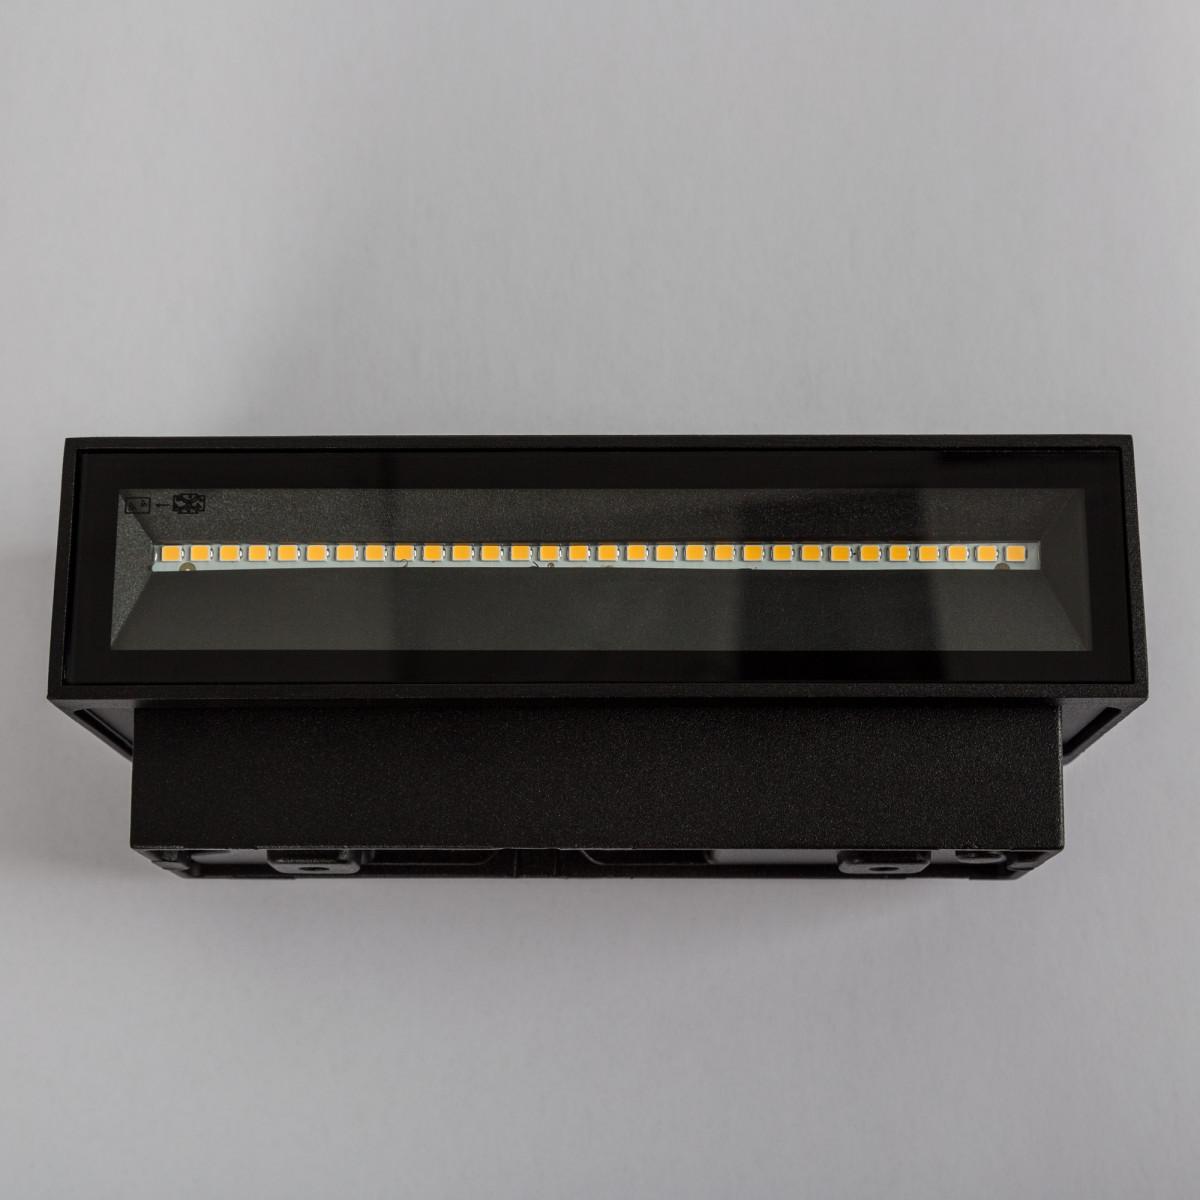 Muurspot Segment medium, LED gevelverlichting, up and downlighter, zwart